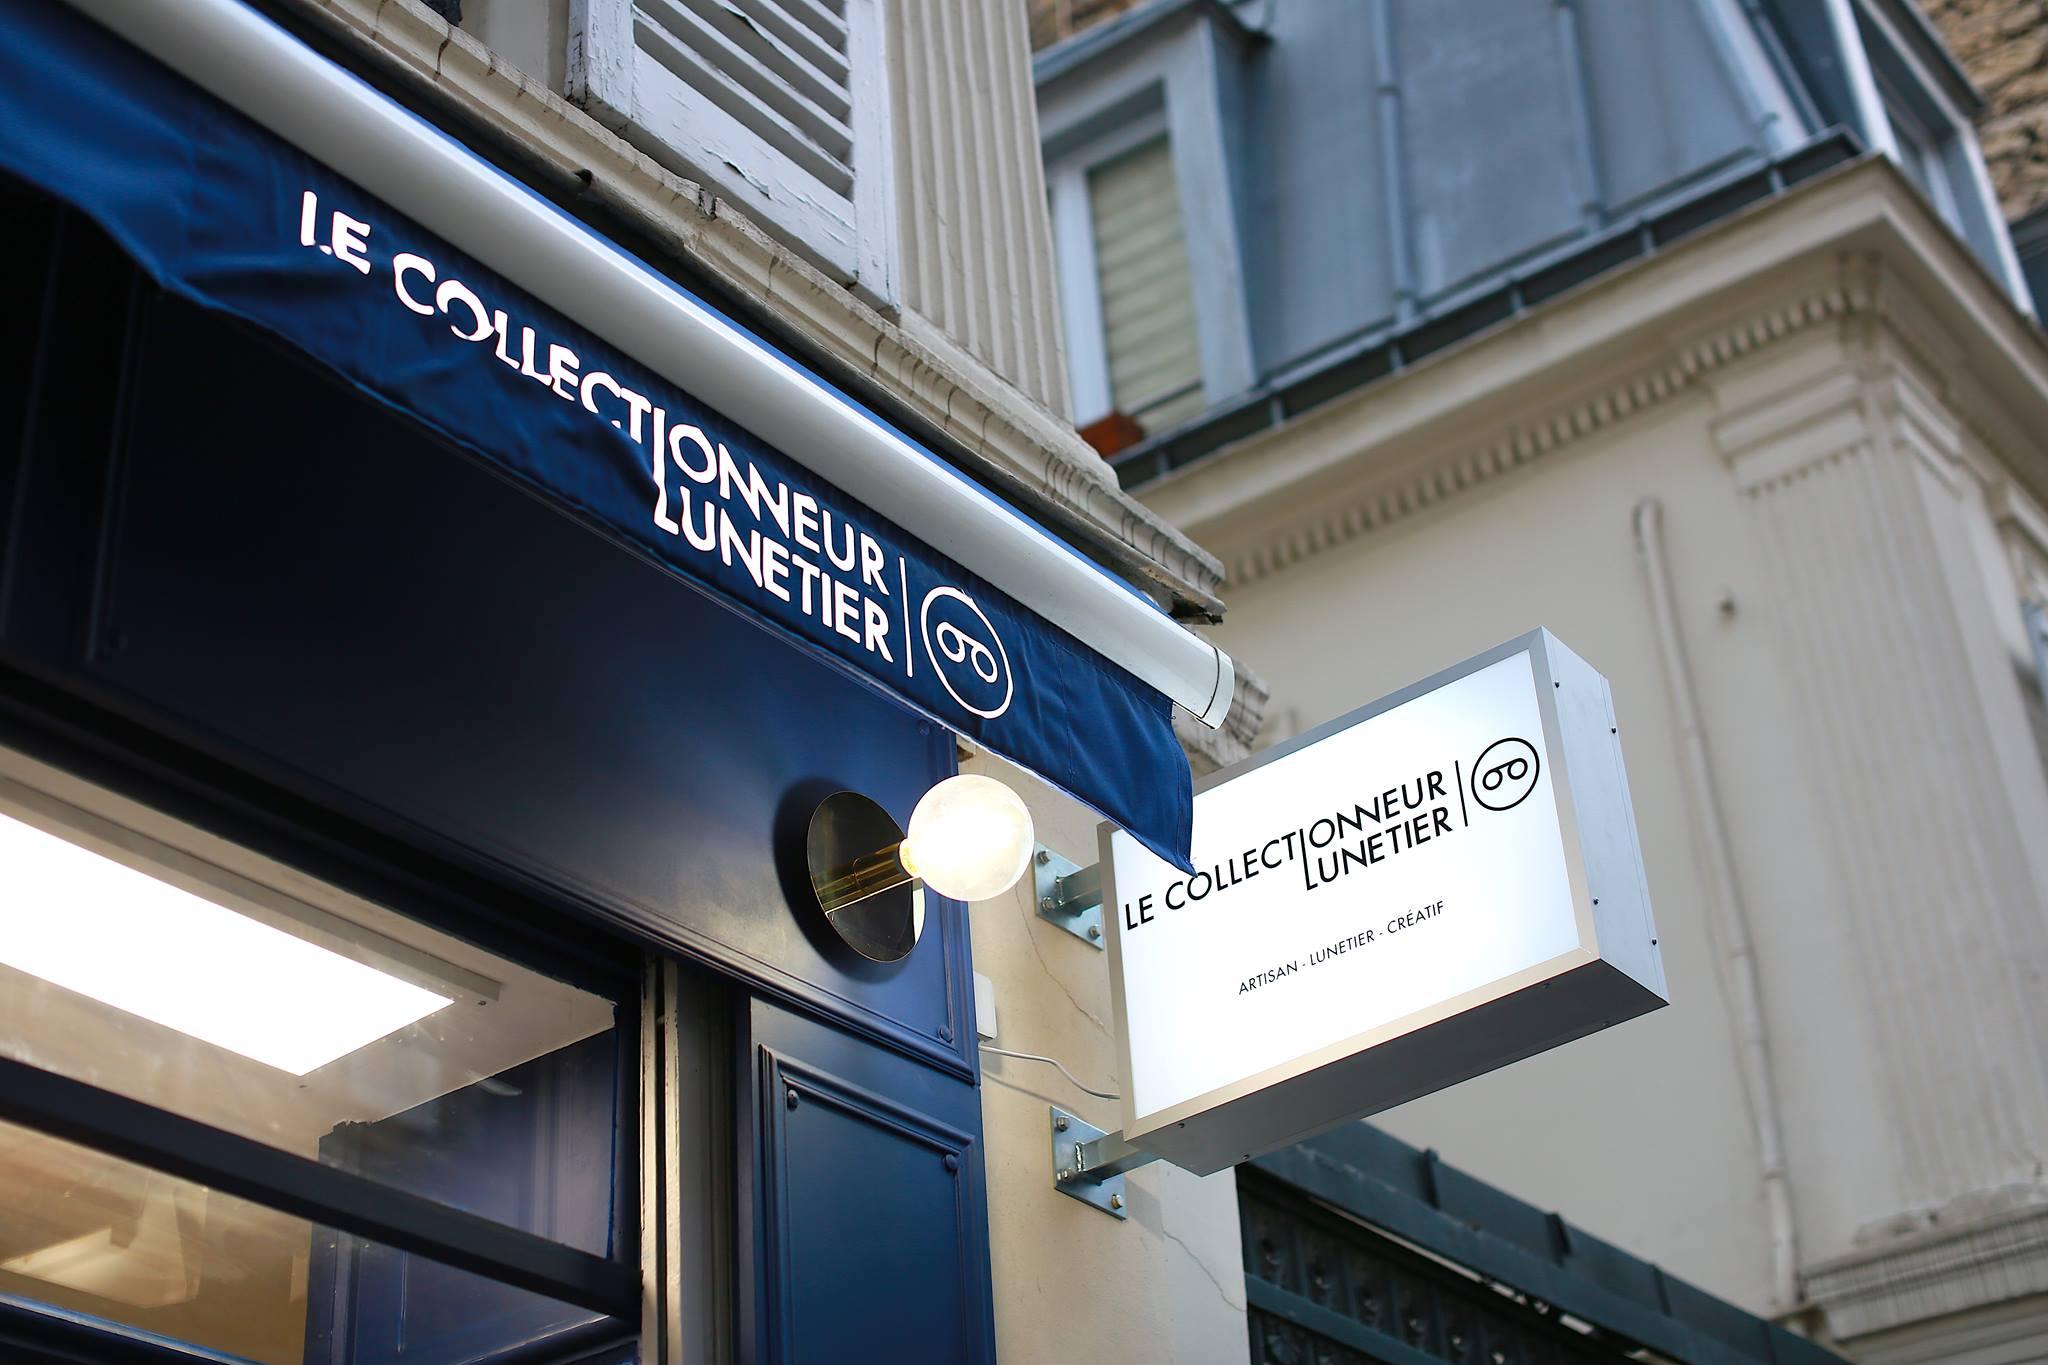 Opticien Lunetier Neuilly sur seine Paris créateur indépendant thierry lasry #thierrylasry #opticien #lunetier #creatif #createiur #batignolles